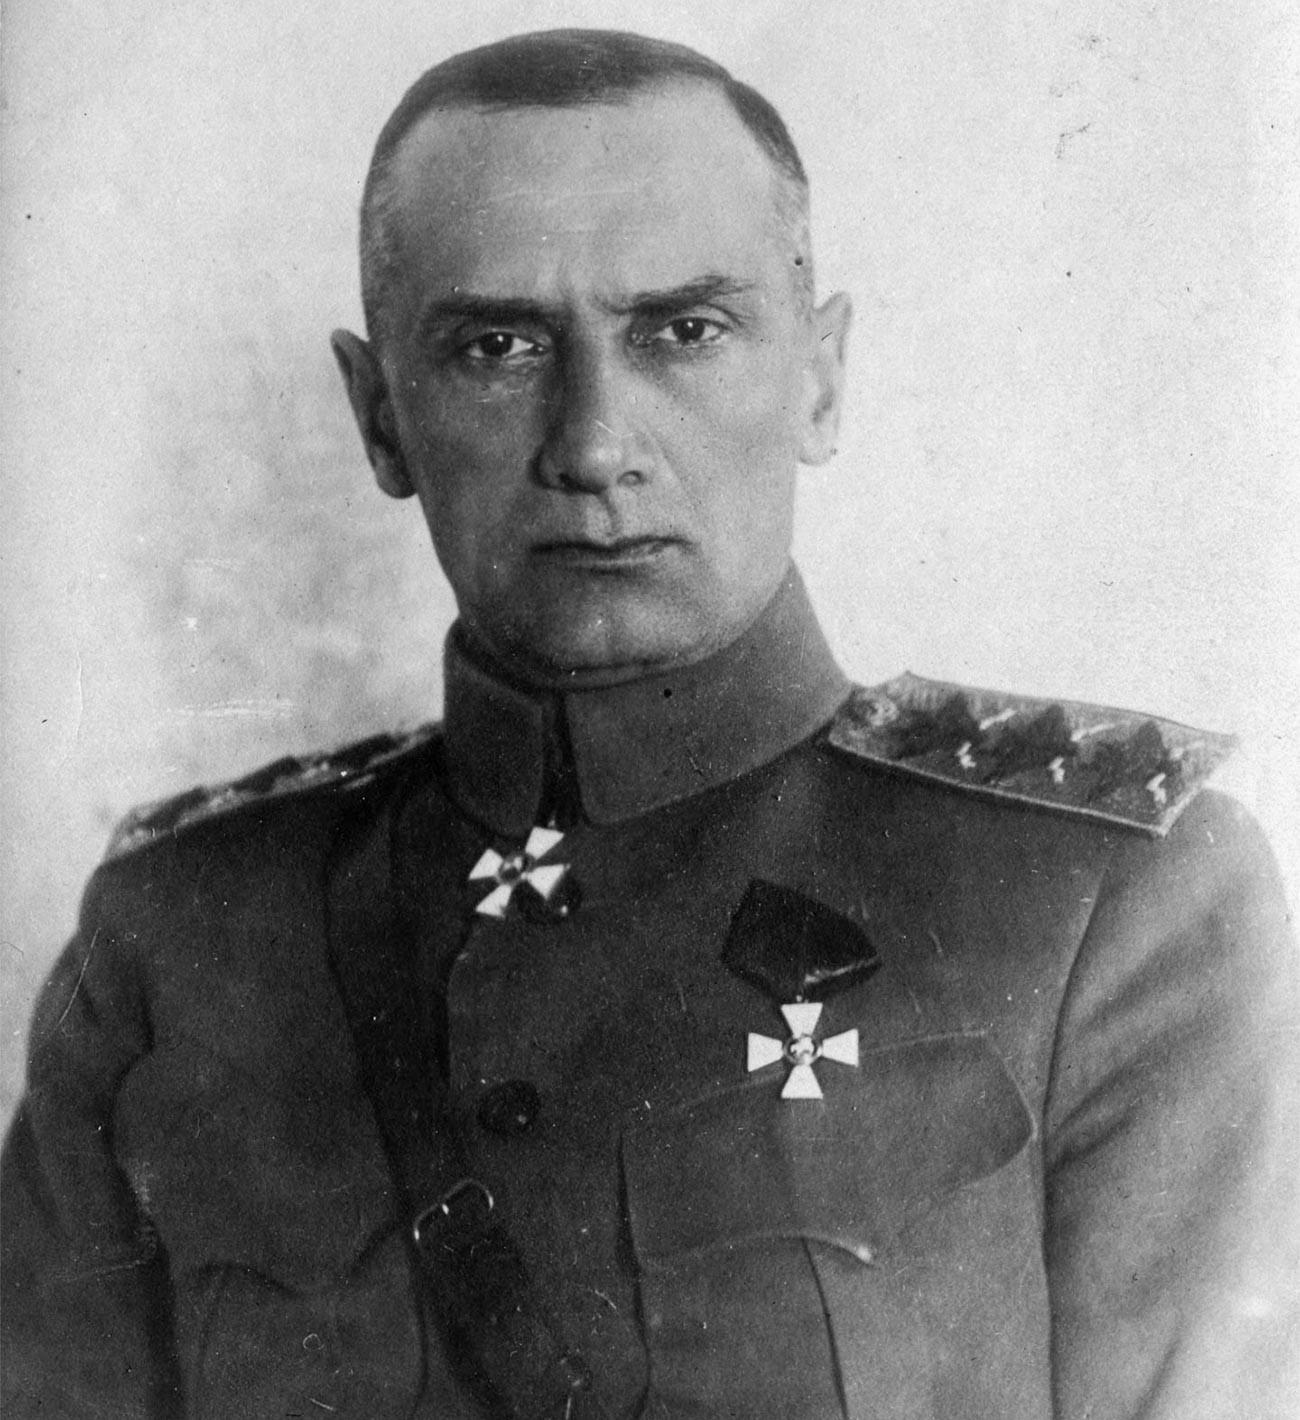 Врховни владар Русије и врховни командант Руске армије А.В. Колчак